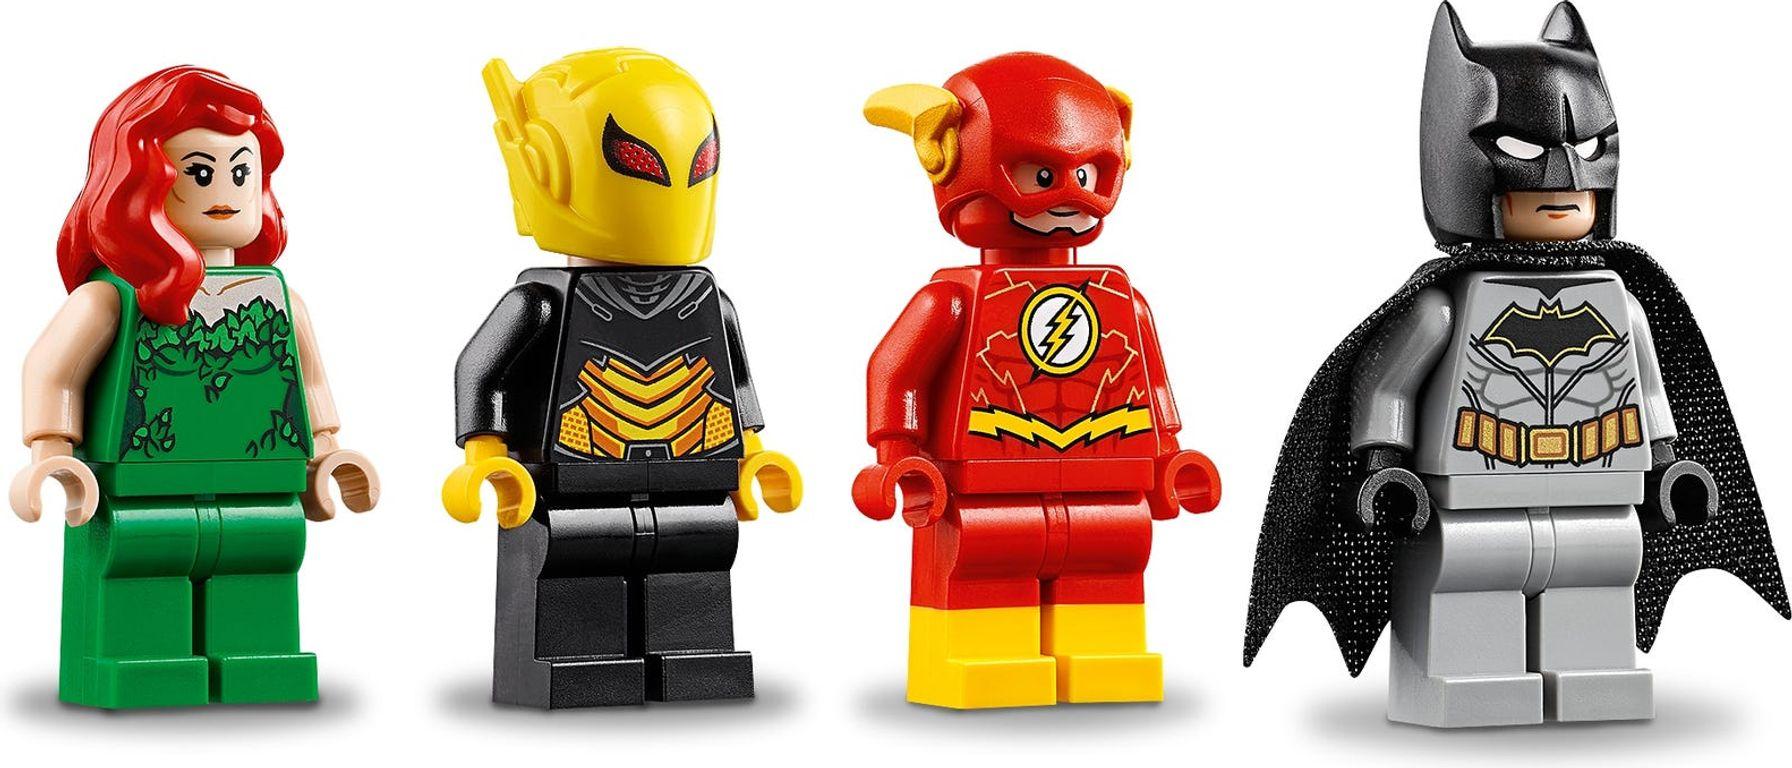 LEGO® DC Superheroes Batman™ Mech vs. Poison Ivy™ Mech minifigures